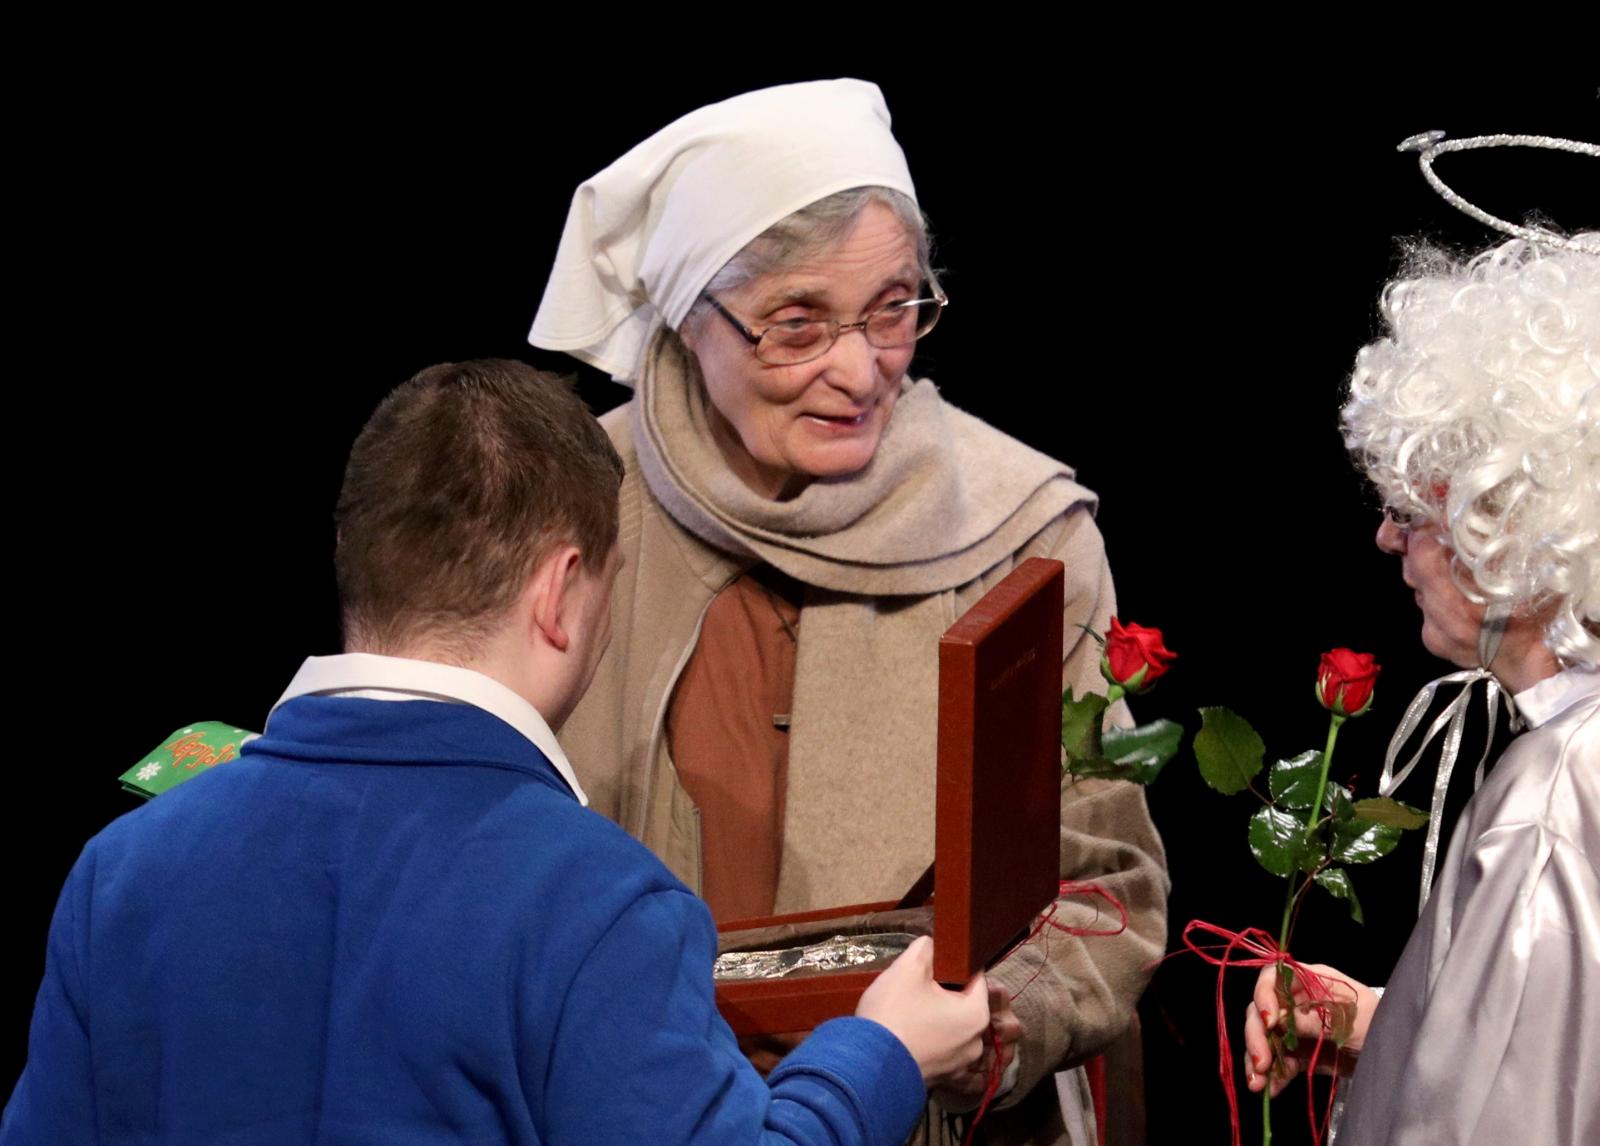 Wręczenie medali św. Brata Alberta za pracę na rzecz osób niepełnosprawnych odebrała m.in. s. Małgorzata Chmielewska. Fot. PAP/Stanisław Rozpędzik